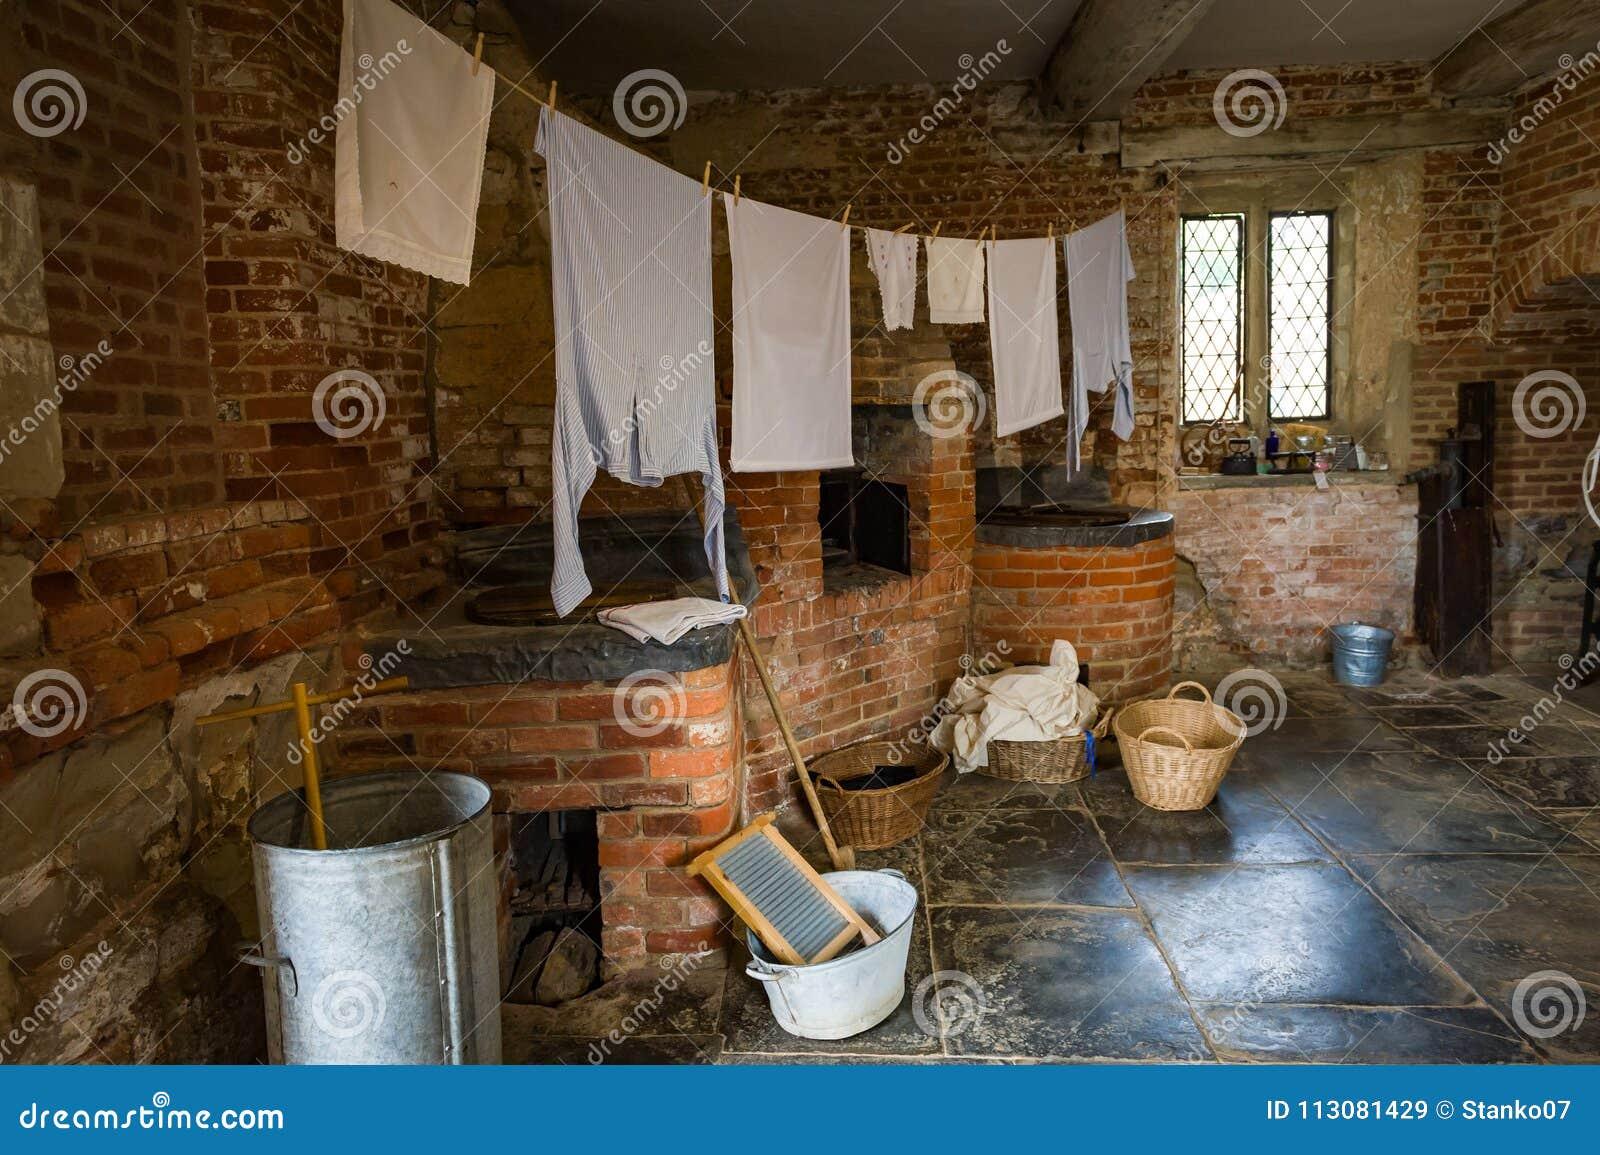 Stanza di lavanderia vittoriana con attrezzatura